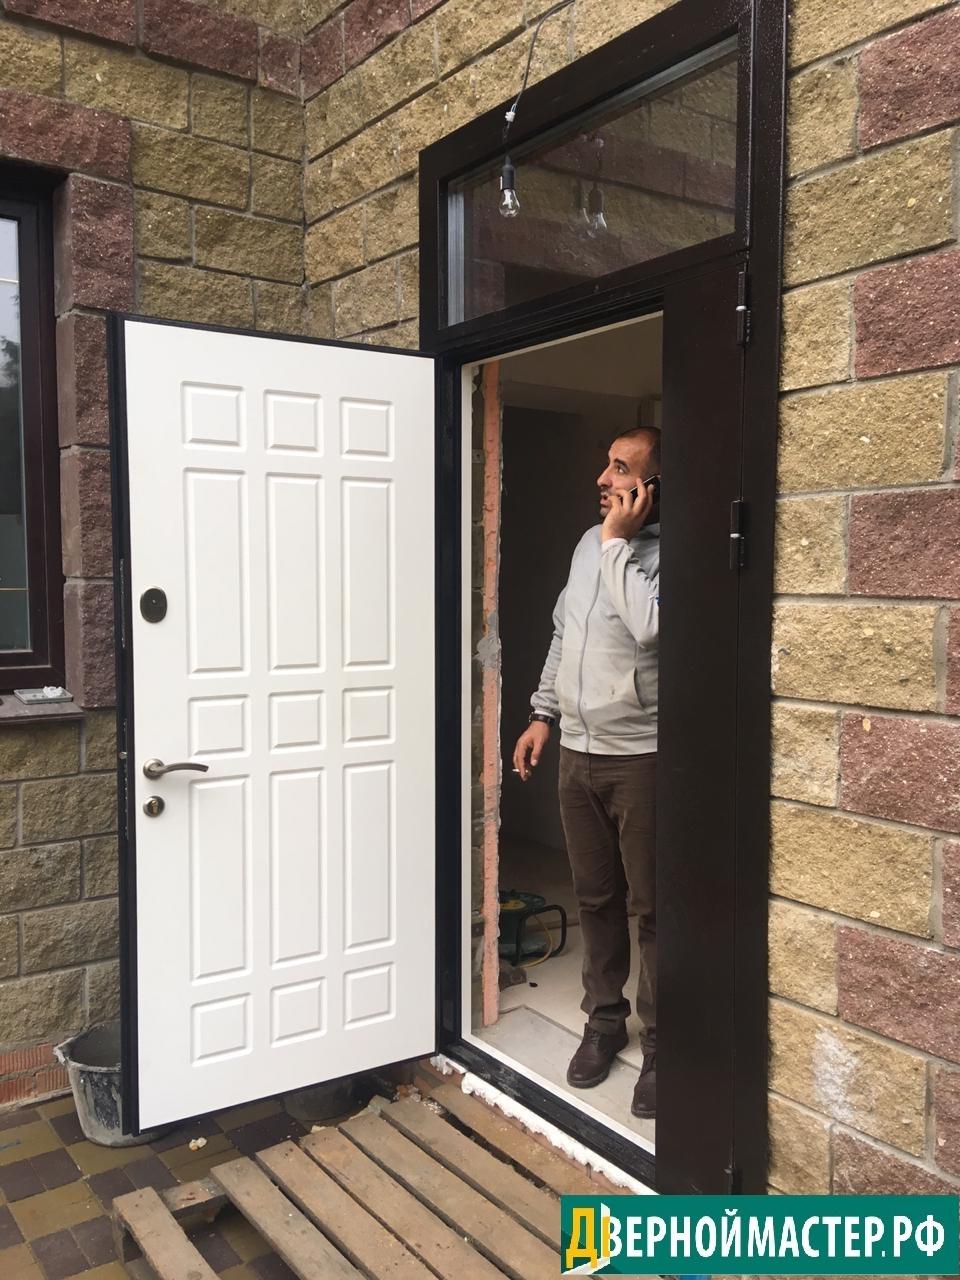 Нестандартные двери на заказ всех размеров с фрамугой и остеклением. Довольный клиент принимает установку.